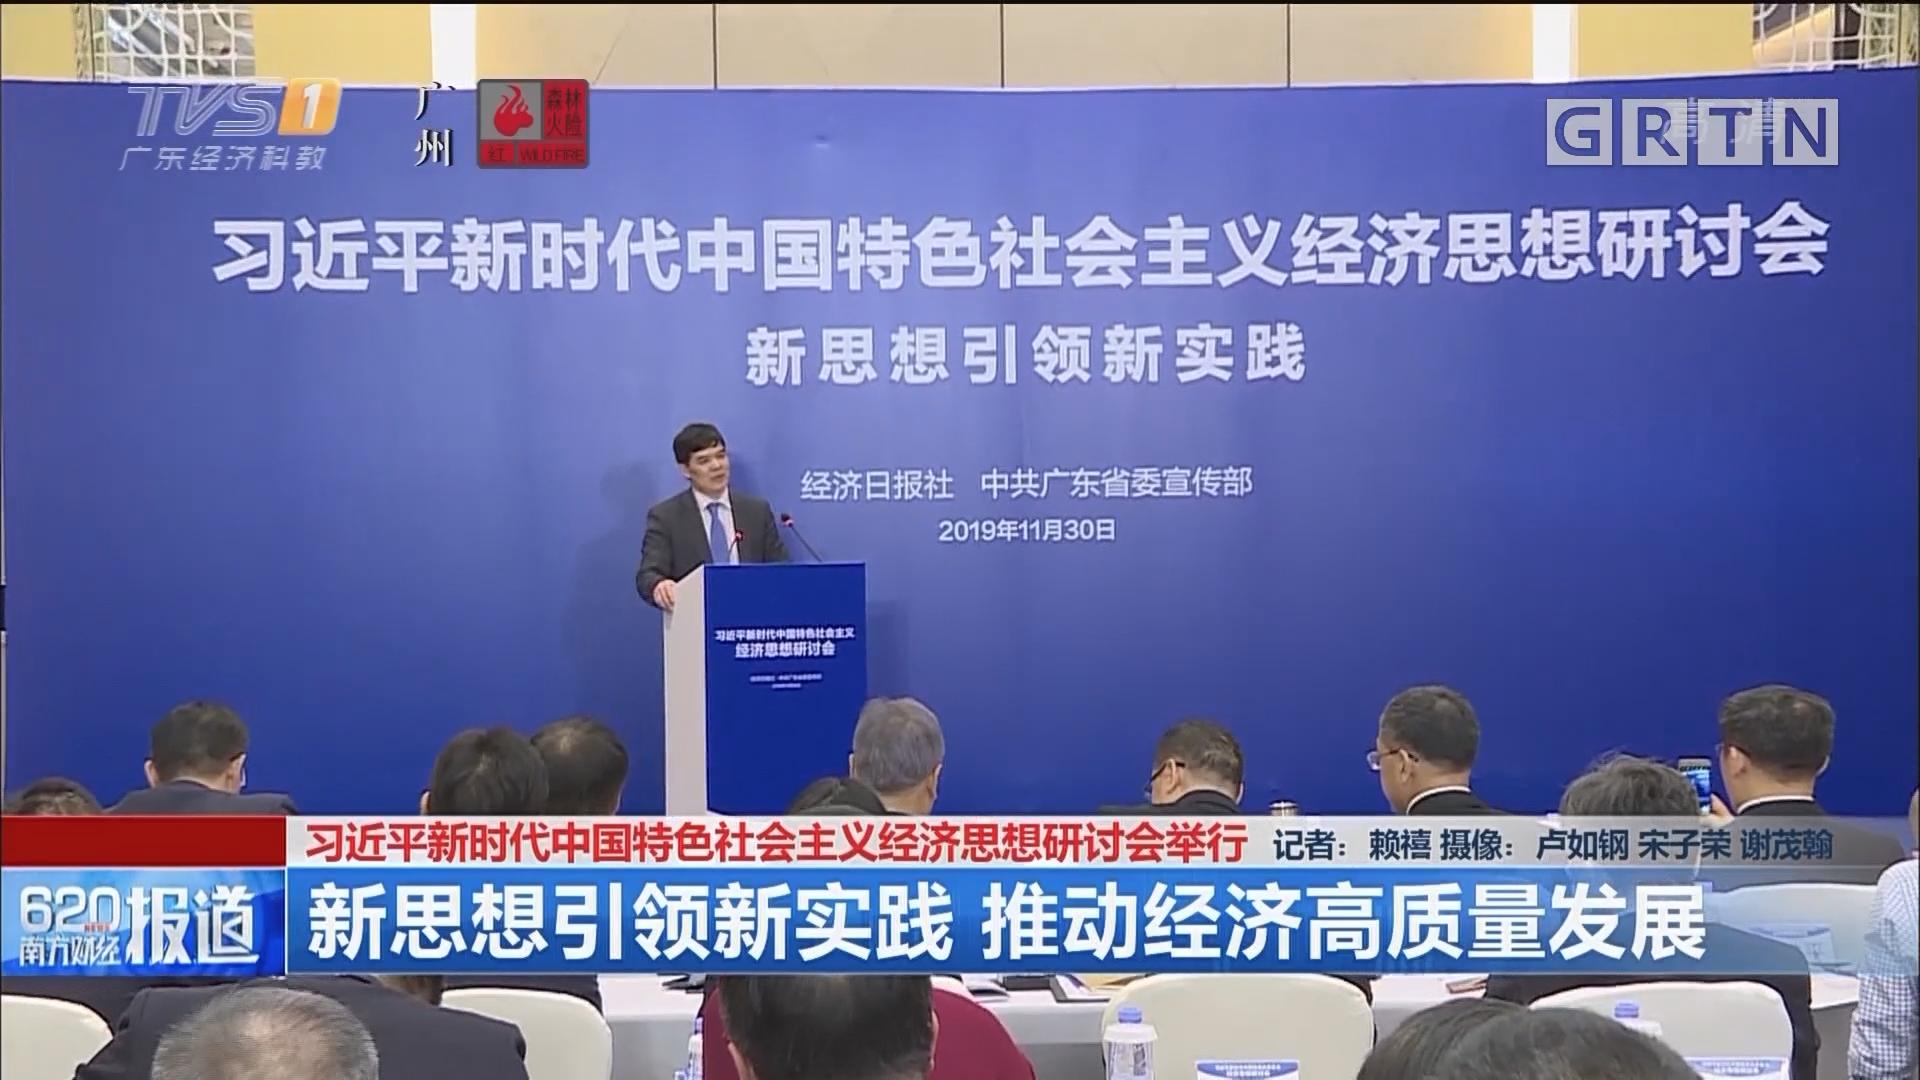 习近平新时代中国特色社会主义经济思想研讨会举行:新思想引领新实践 推动经济高质量发展